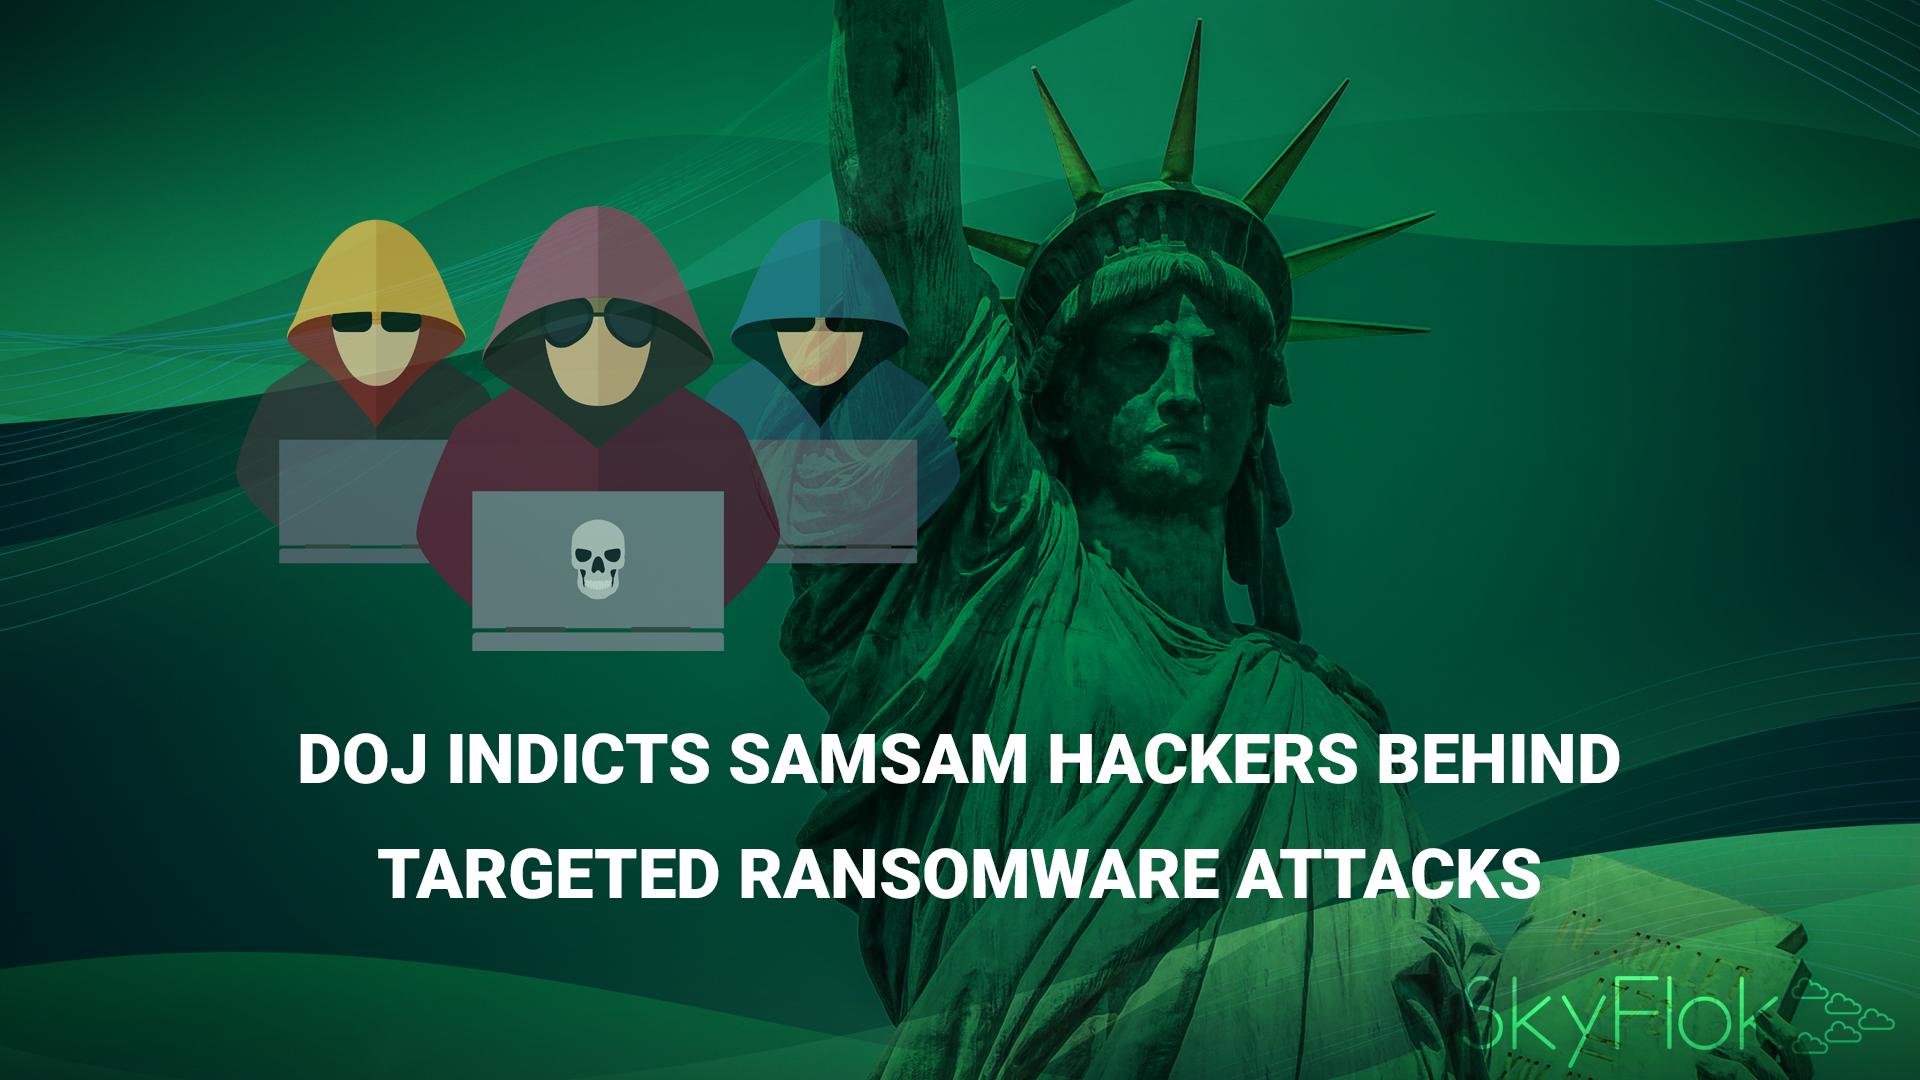 DOJ Indicts SamSam Hackers Behind Targeted Ransomware Attacks